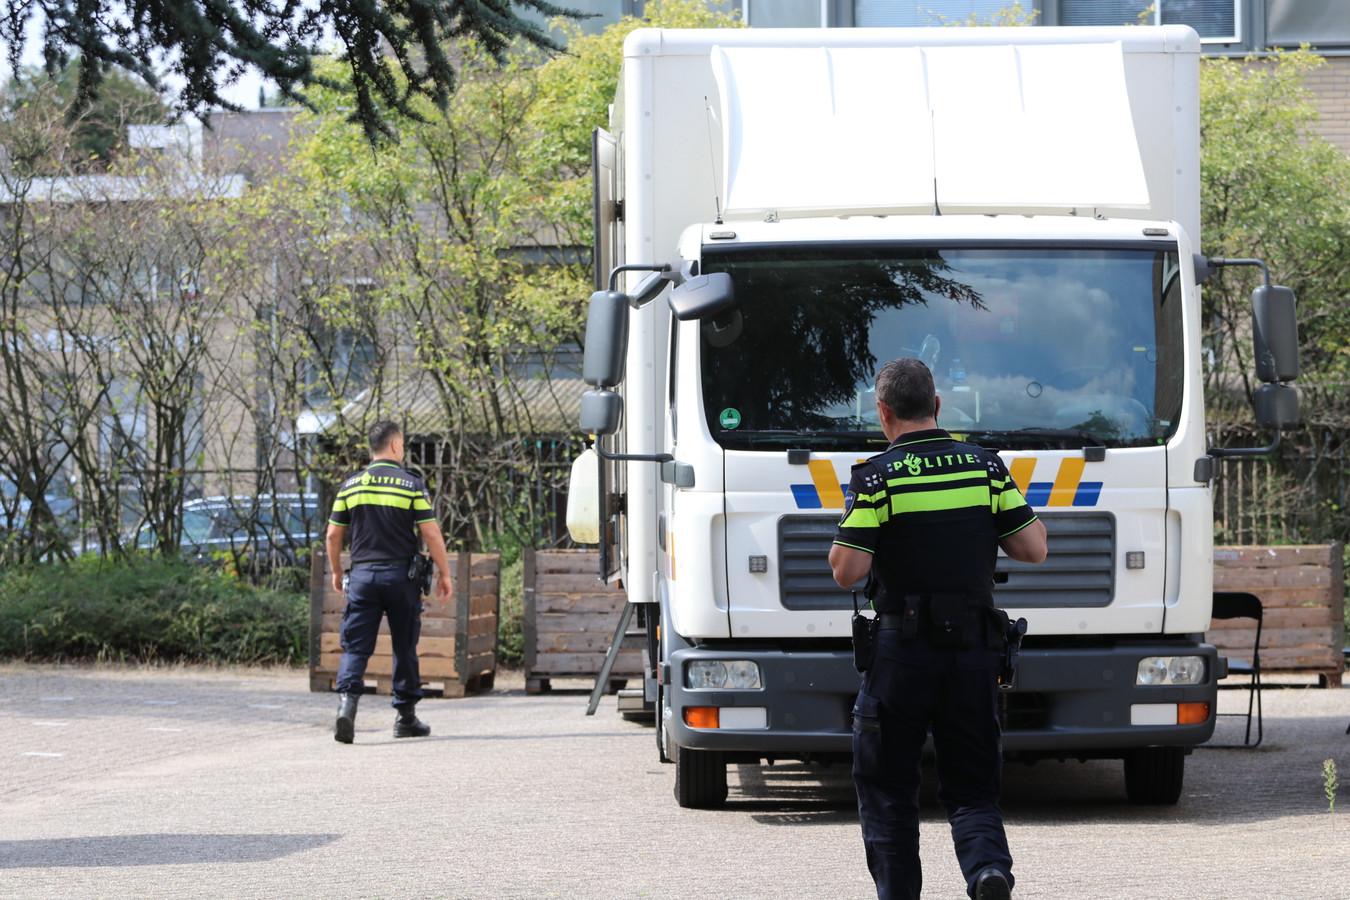 Een speciaal hennepteam van de politie haalt de planten weg uit het kantoorpand in Apeldoorn.